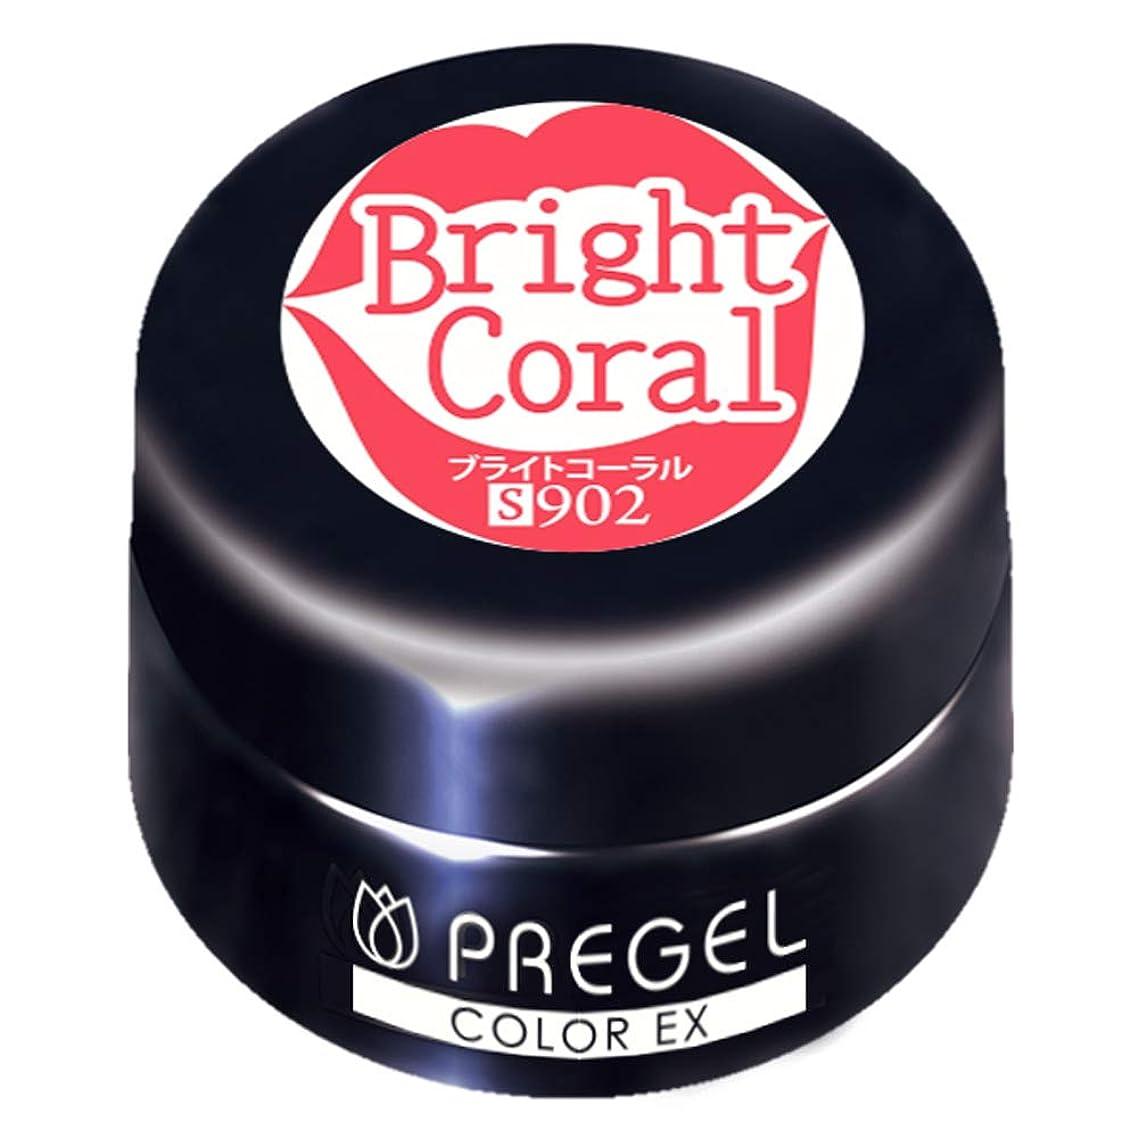 喜ぶ印象的な以降PRE GEL カラーEX ブライトコーラル 3g PG-CE902